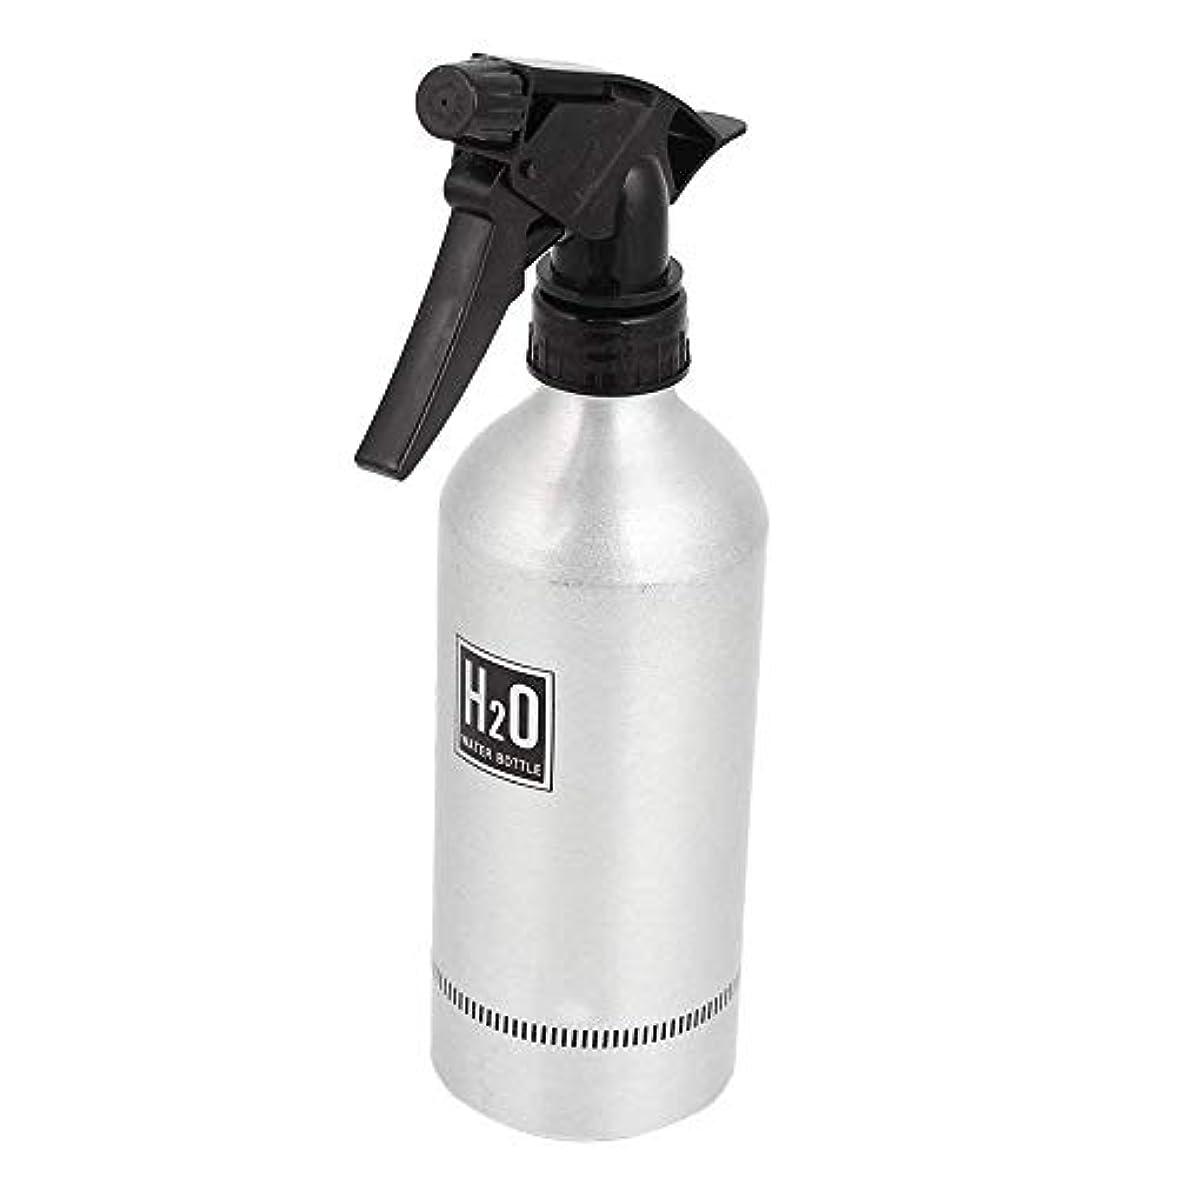 渇きスイス人チャンスOnior アルミ スプレー缶 水髪器 スプレー スプレーボトル 美容ツール サロン 理髪師 美容師 清潔 クリーニング 500ミリリットル